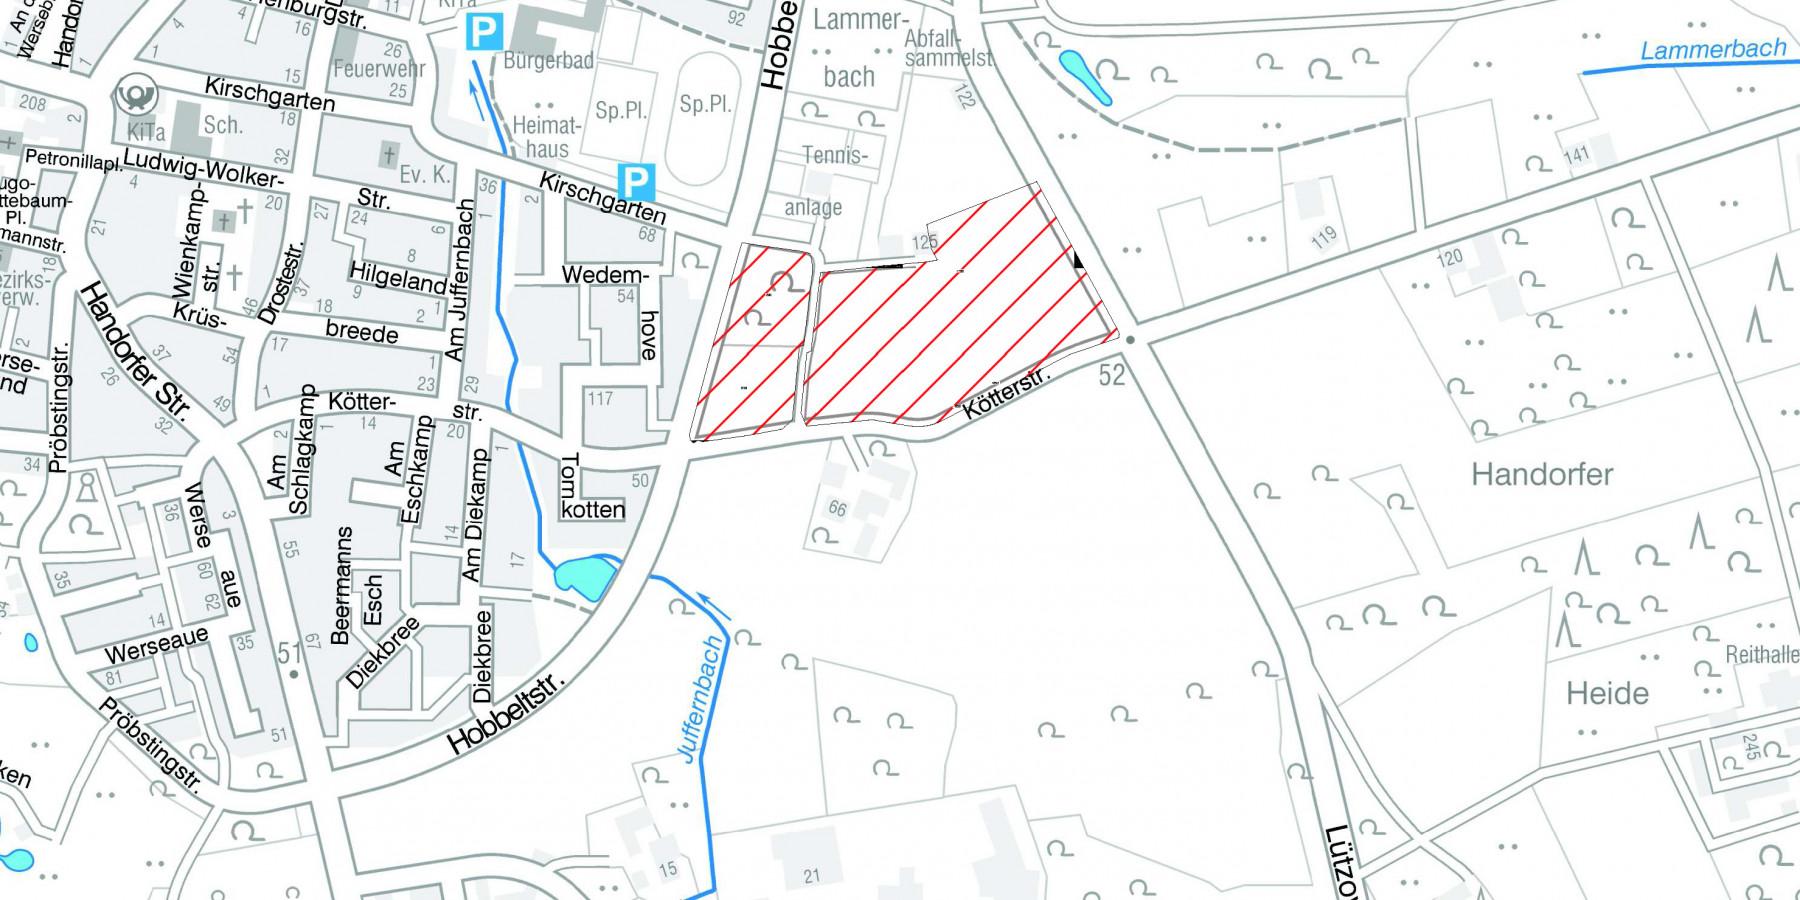 Stadt erwirbt Bauland in Handorf